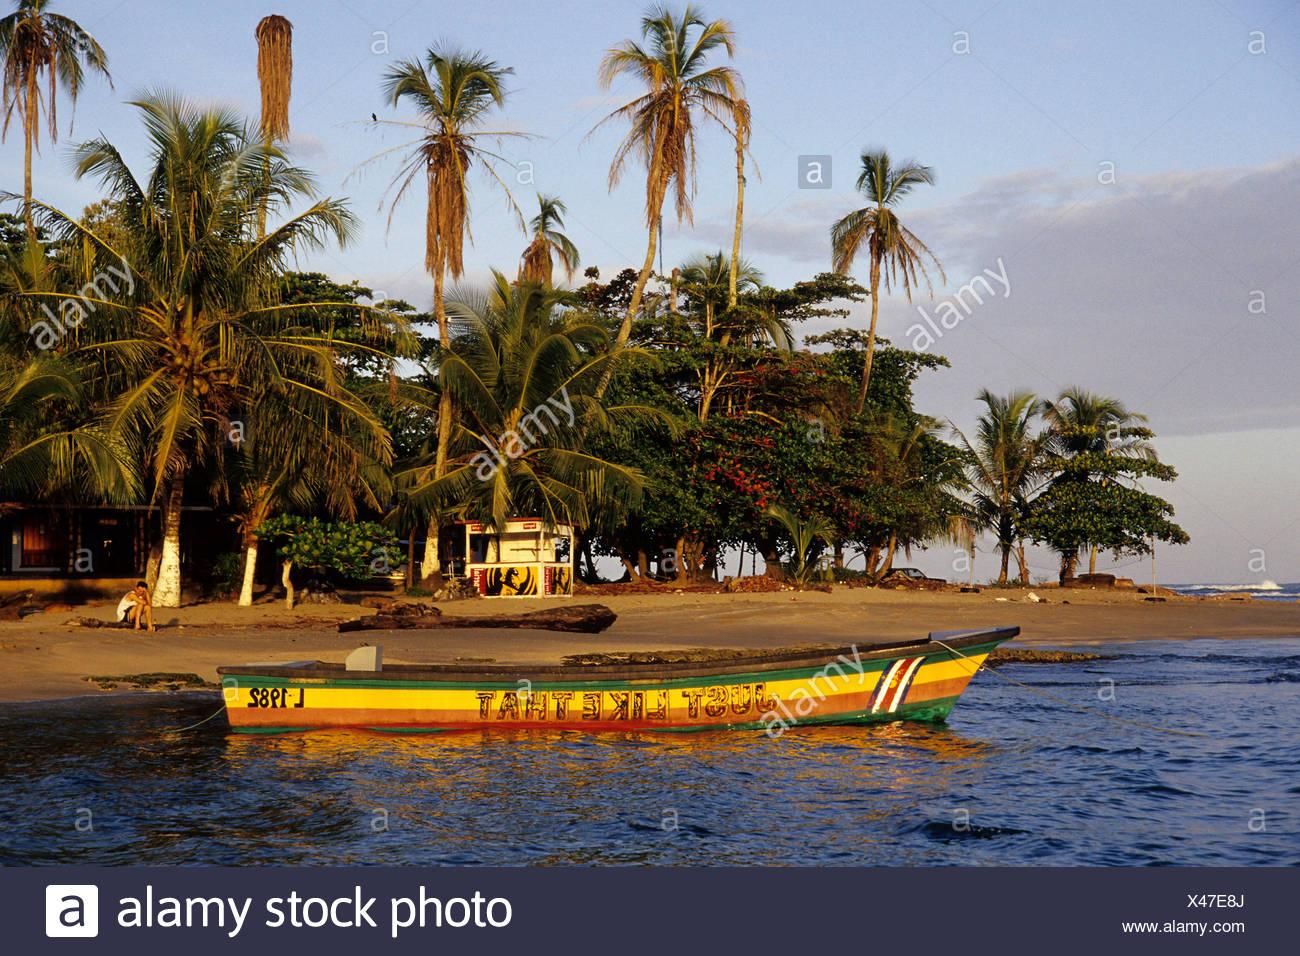 Petit bateau peint en couleurs reggae sur une plage tropicale avec palmiers, Puerto Viejo de Talamanca sur la côte des Caraïbes Photo Stock